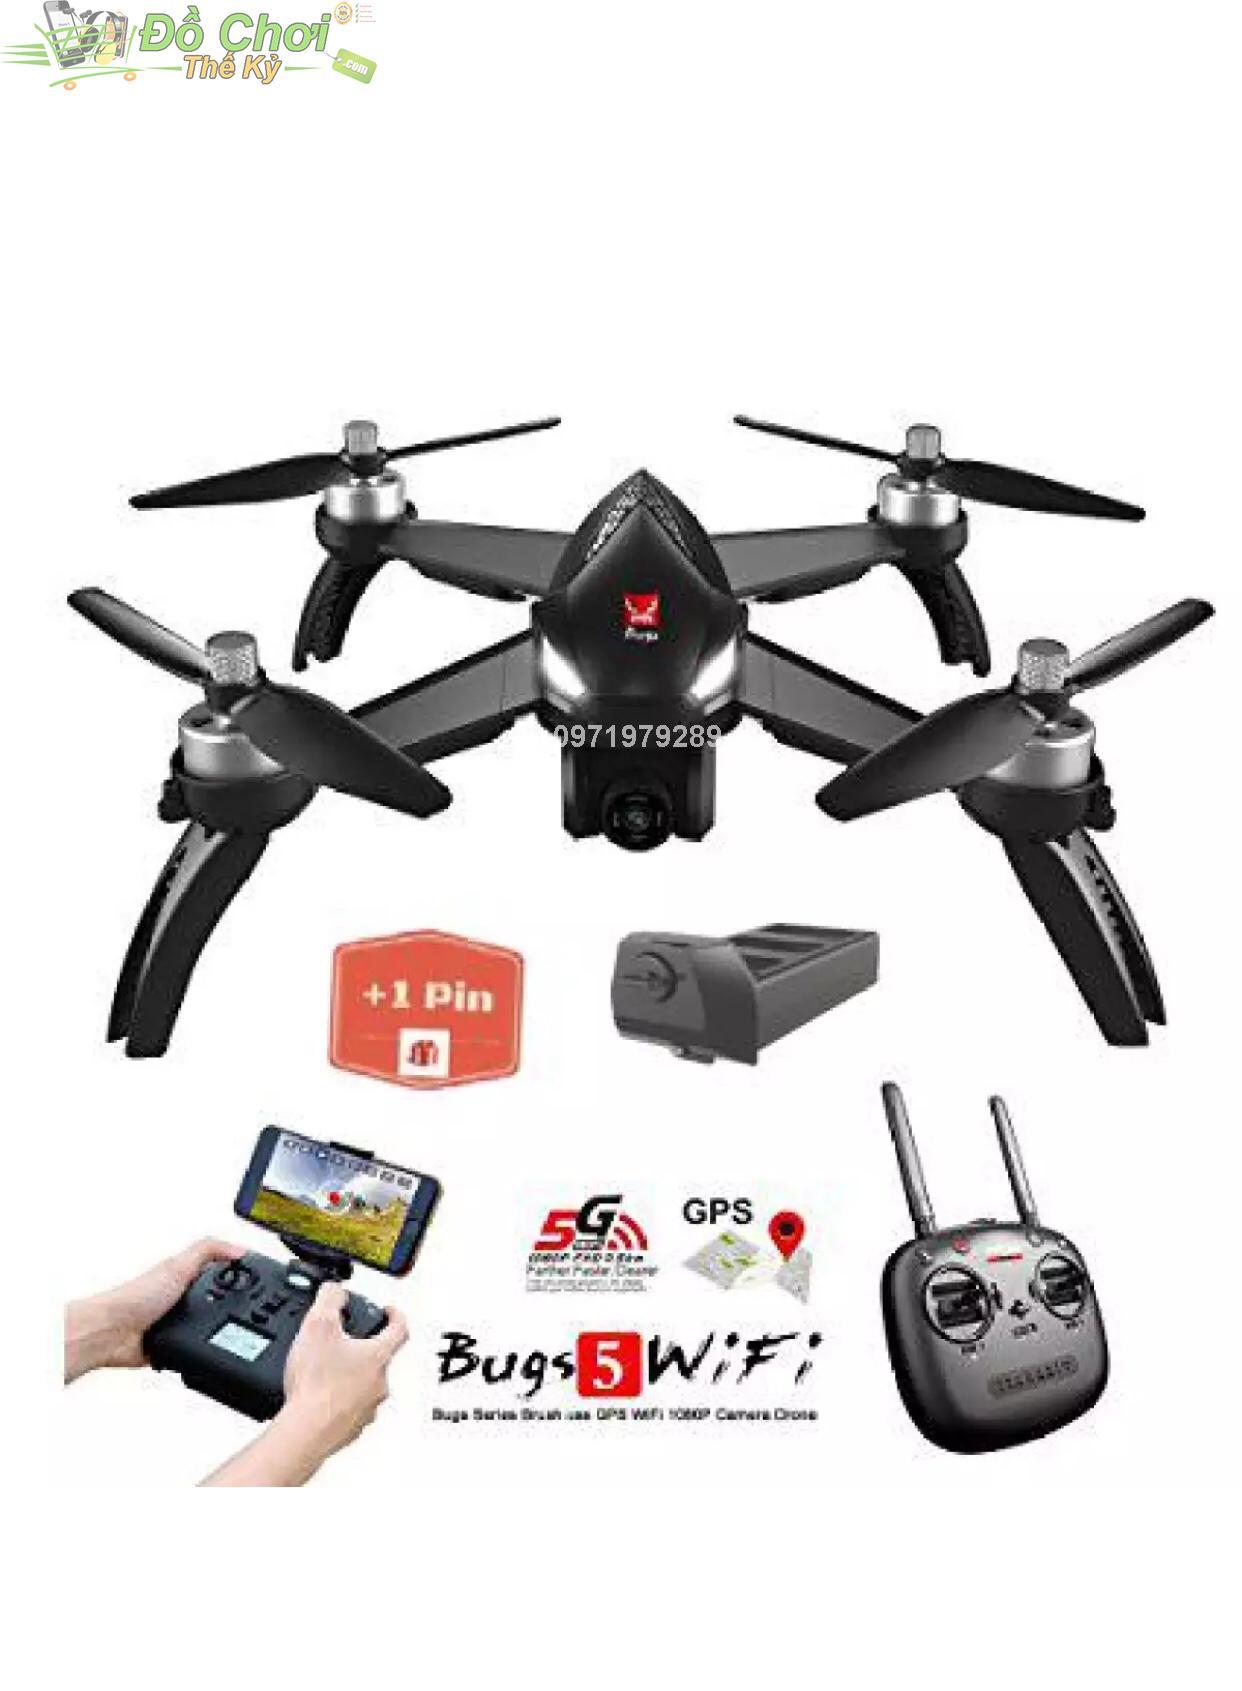 Hình ảnh ( Bộ Sản Phẩm 2 Pin ) Máy bay MJX bugs 5W – GPS, follow me , truyền hình ảnh về điện thoại, camera chỉnh góc xoay